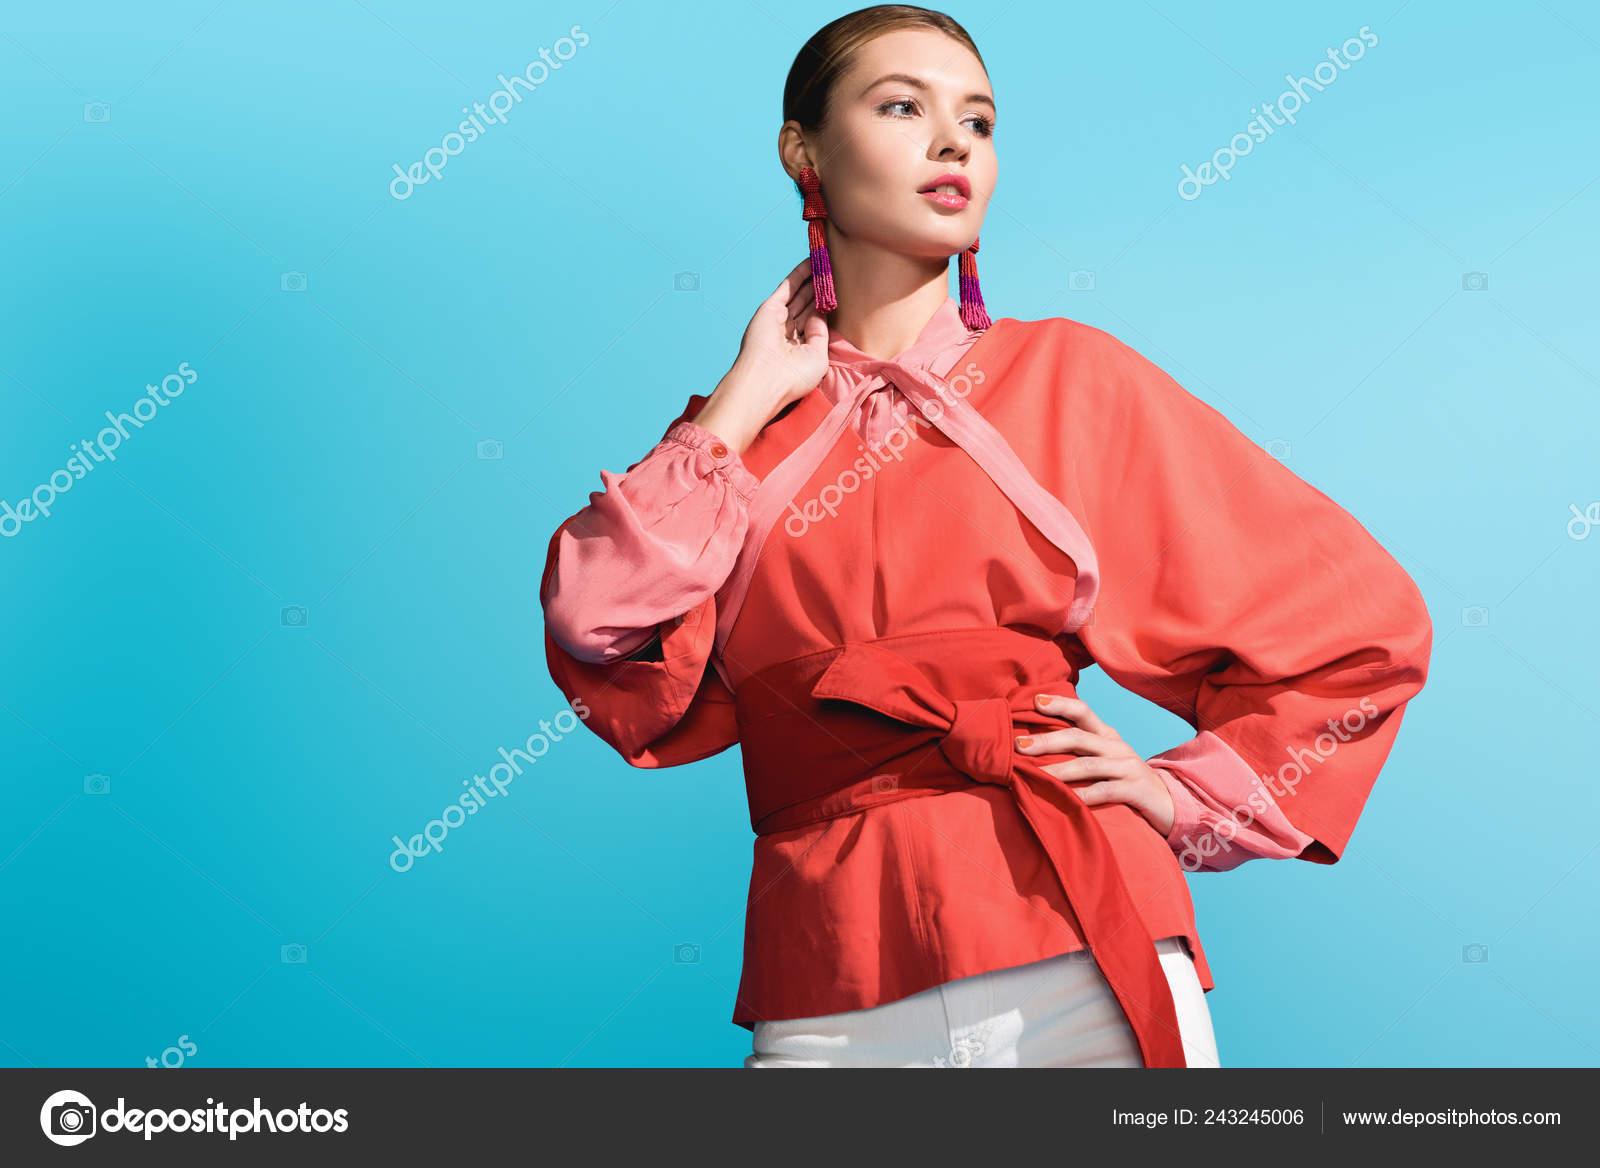 new products a65d2 fb0ad Attraente Ragazza Alla Moda Che Propone Tendenza Living ...